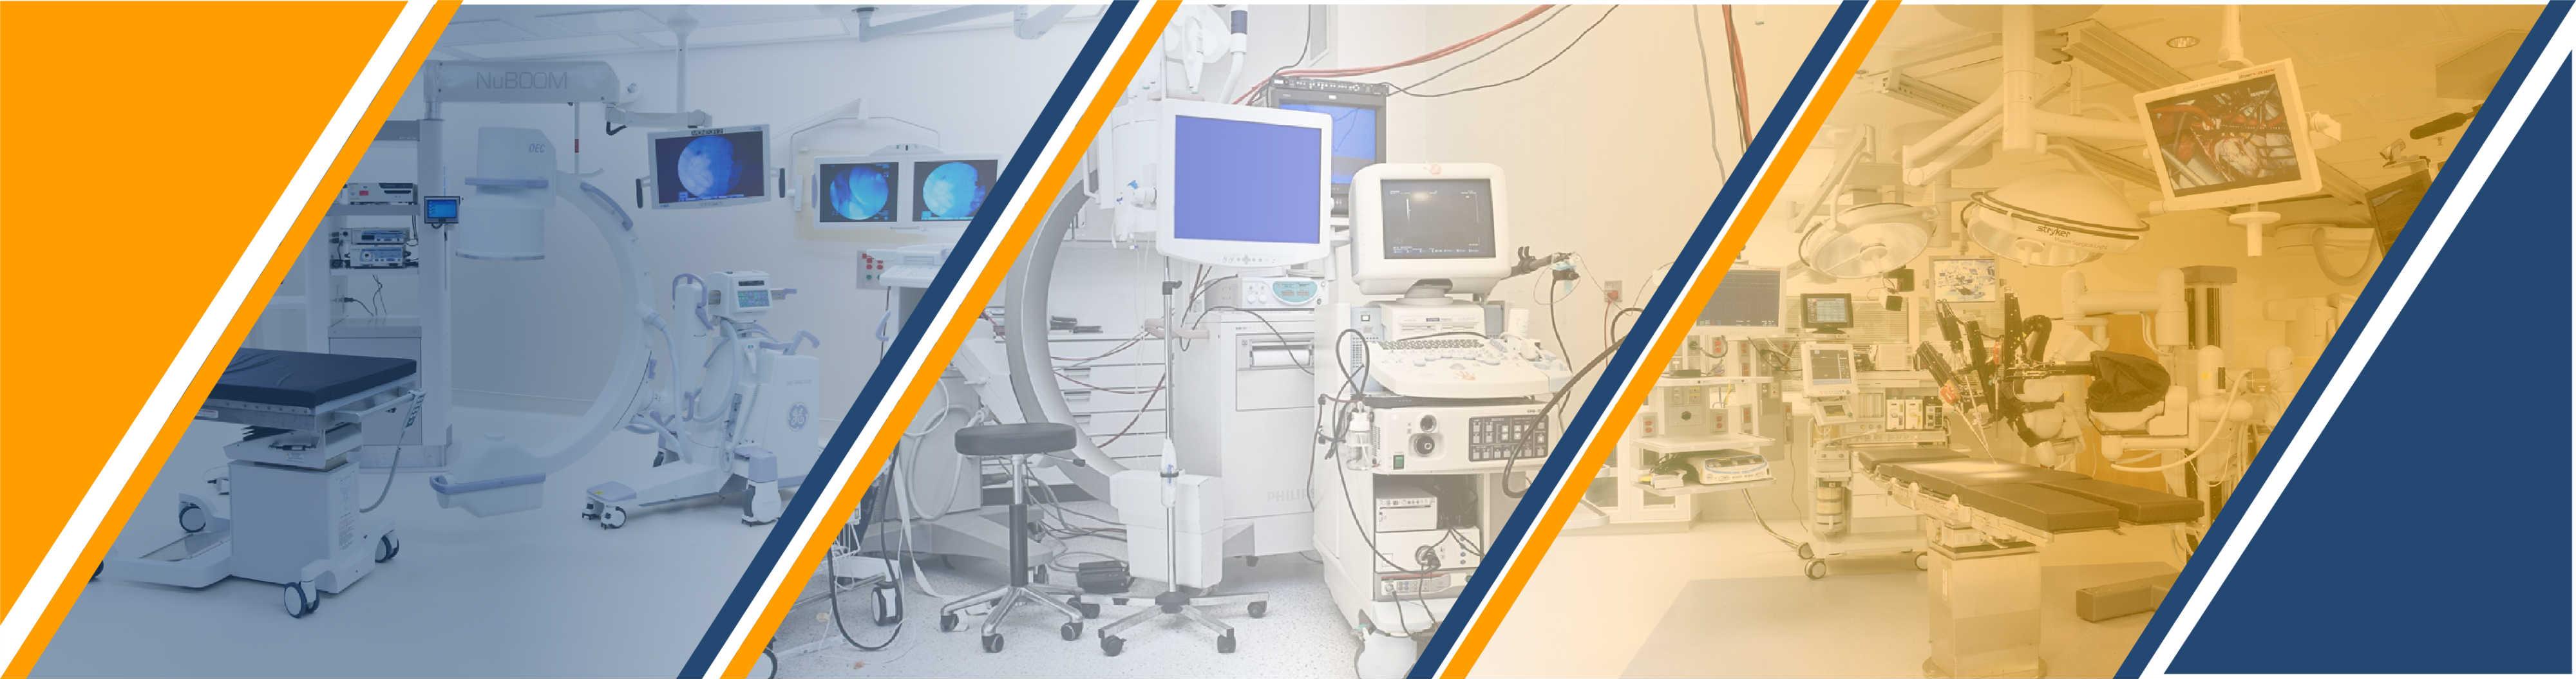 поставки медицинского оборудования